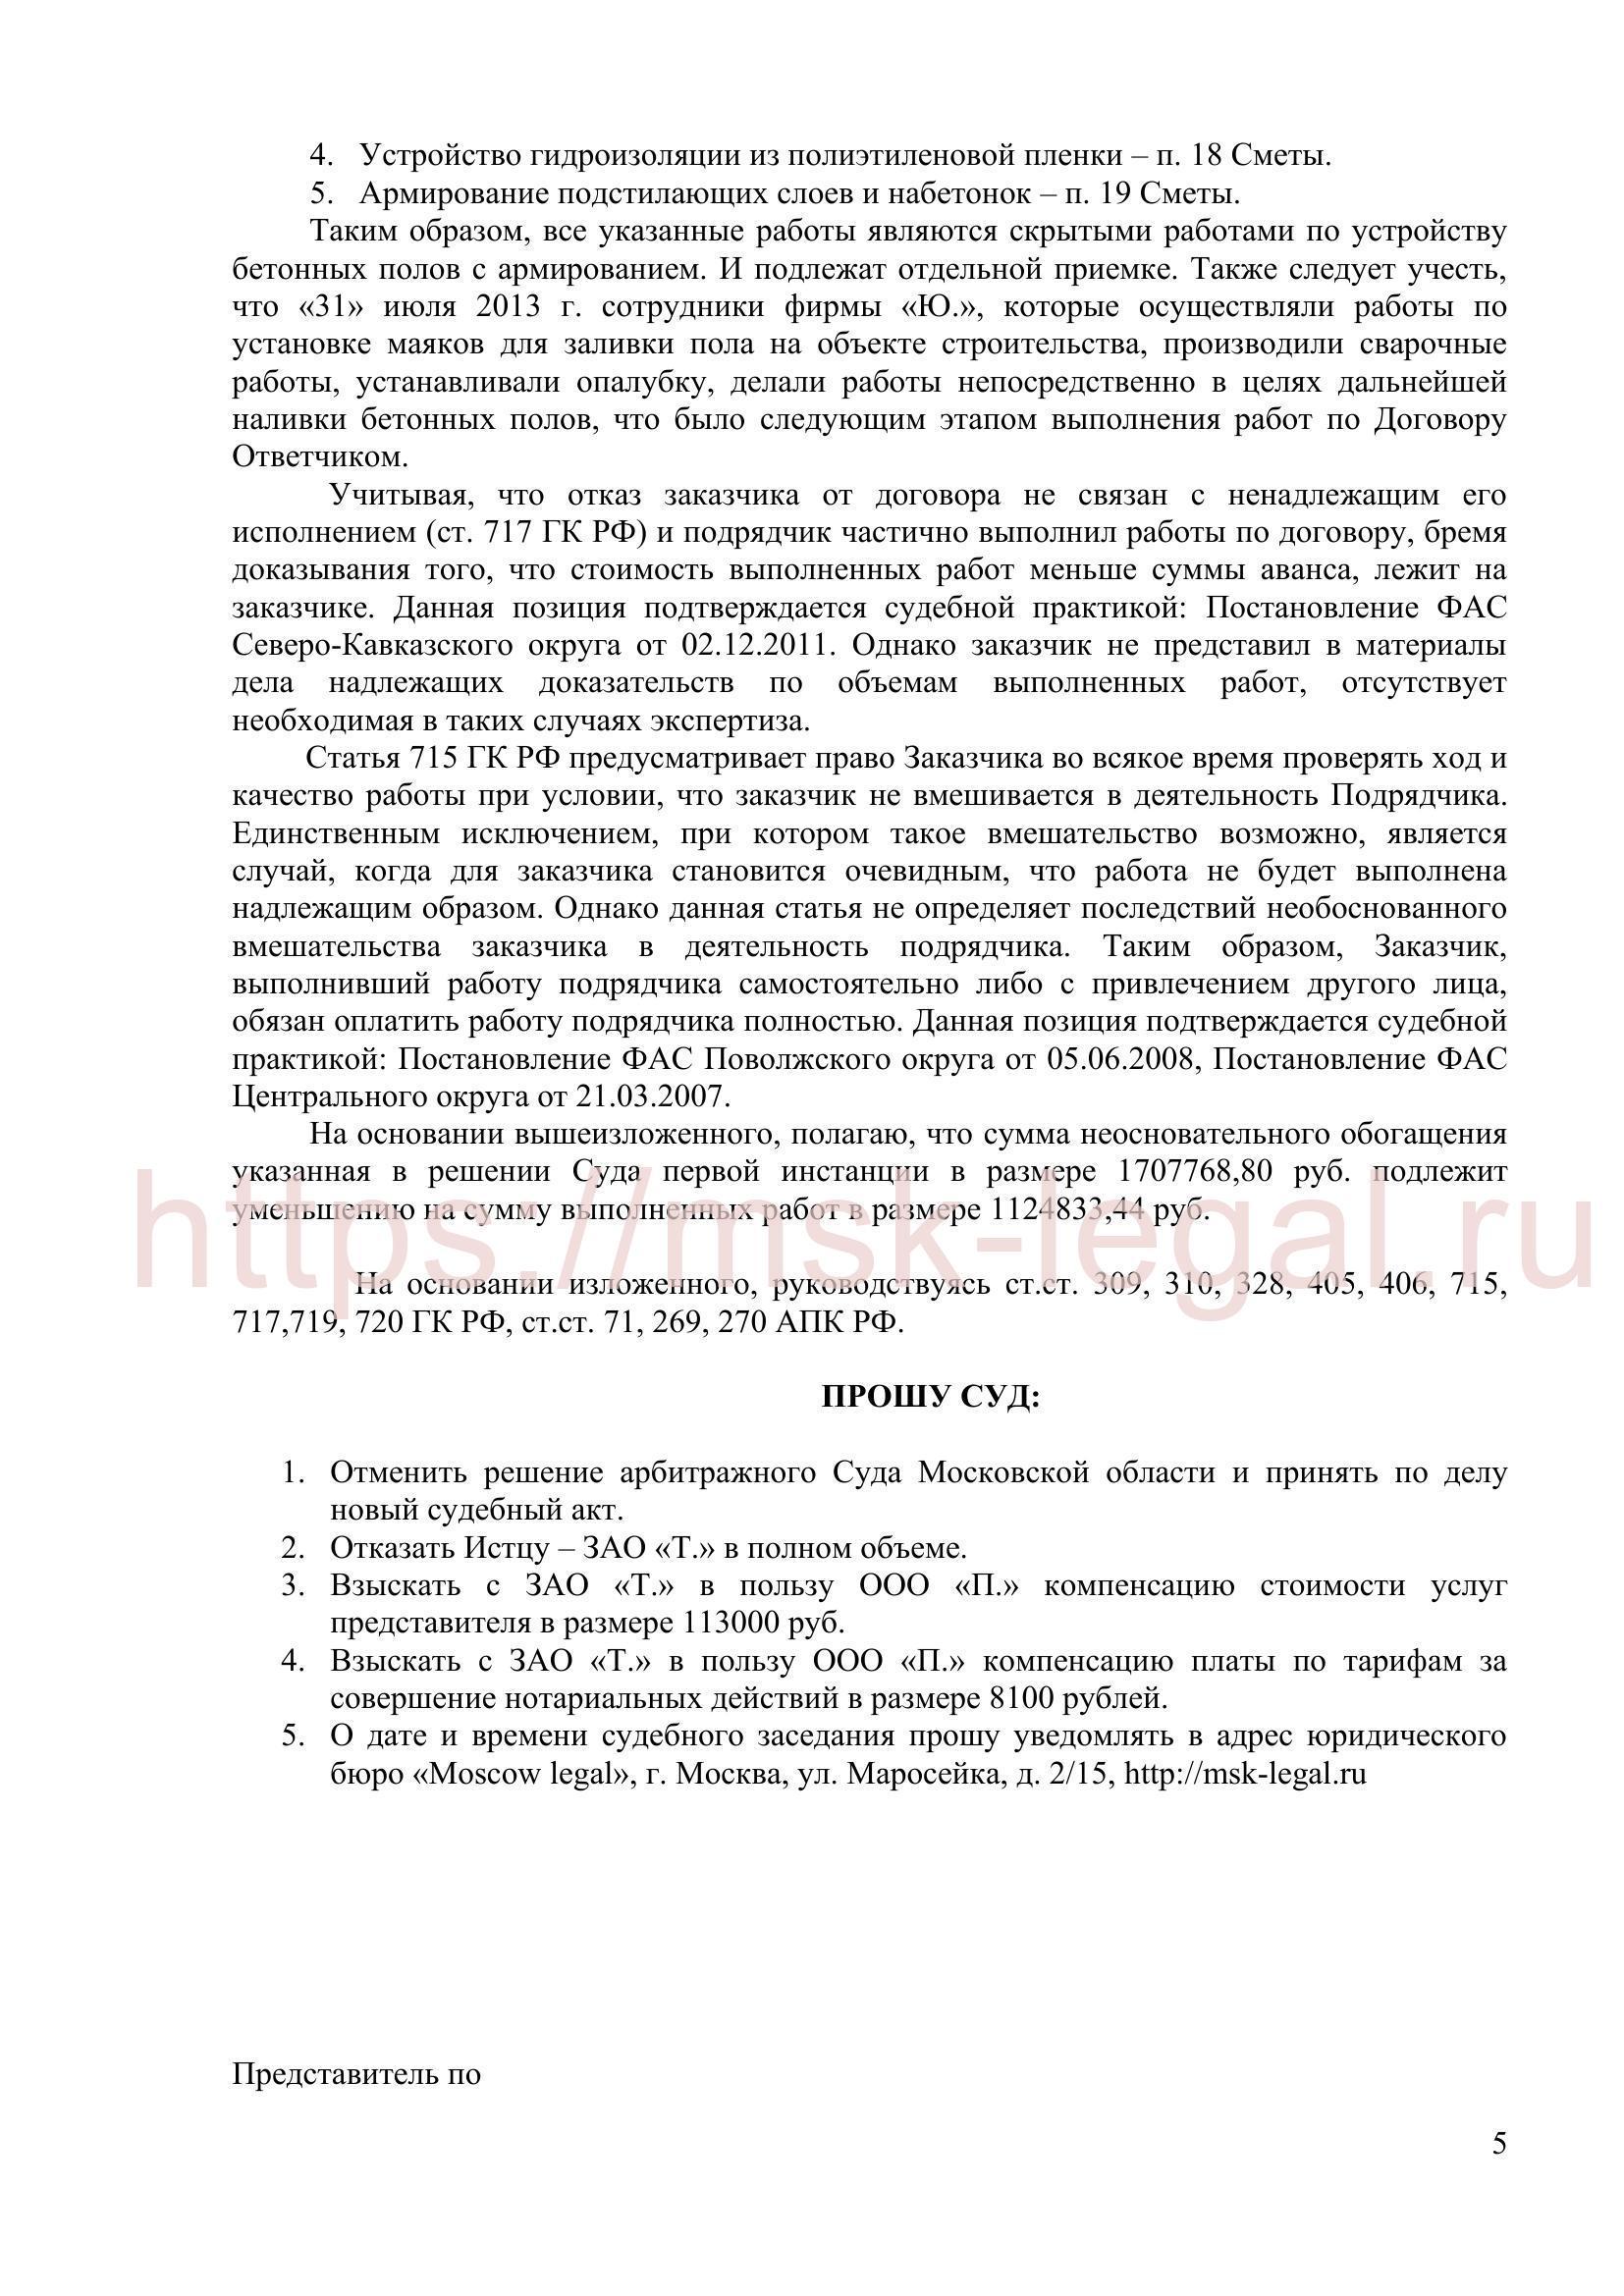 Апелляция по договору строительного подряда